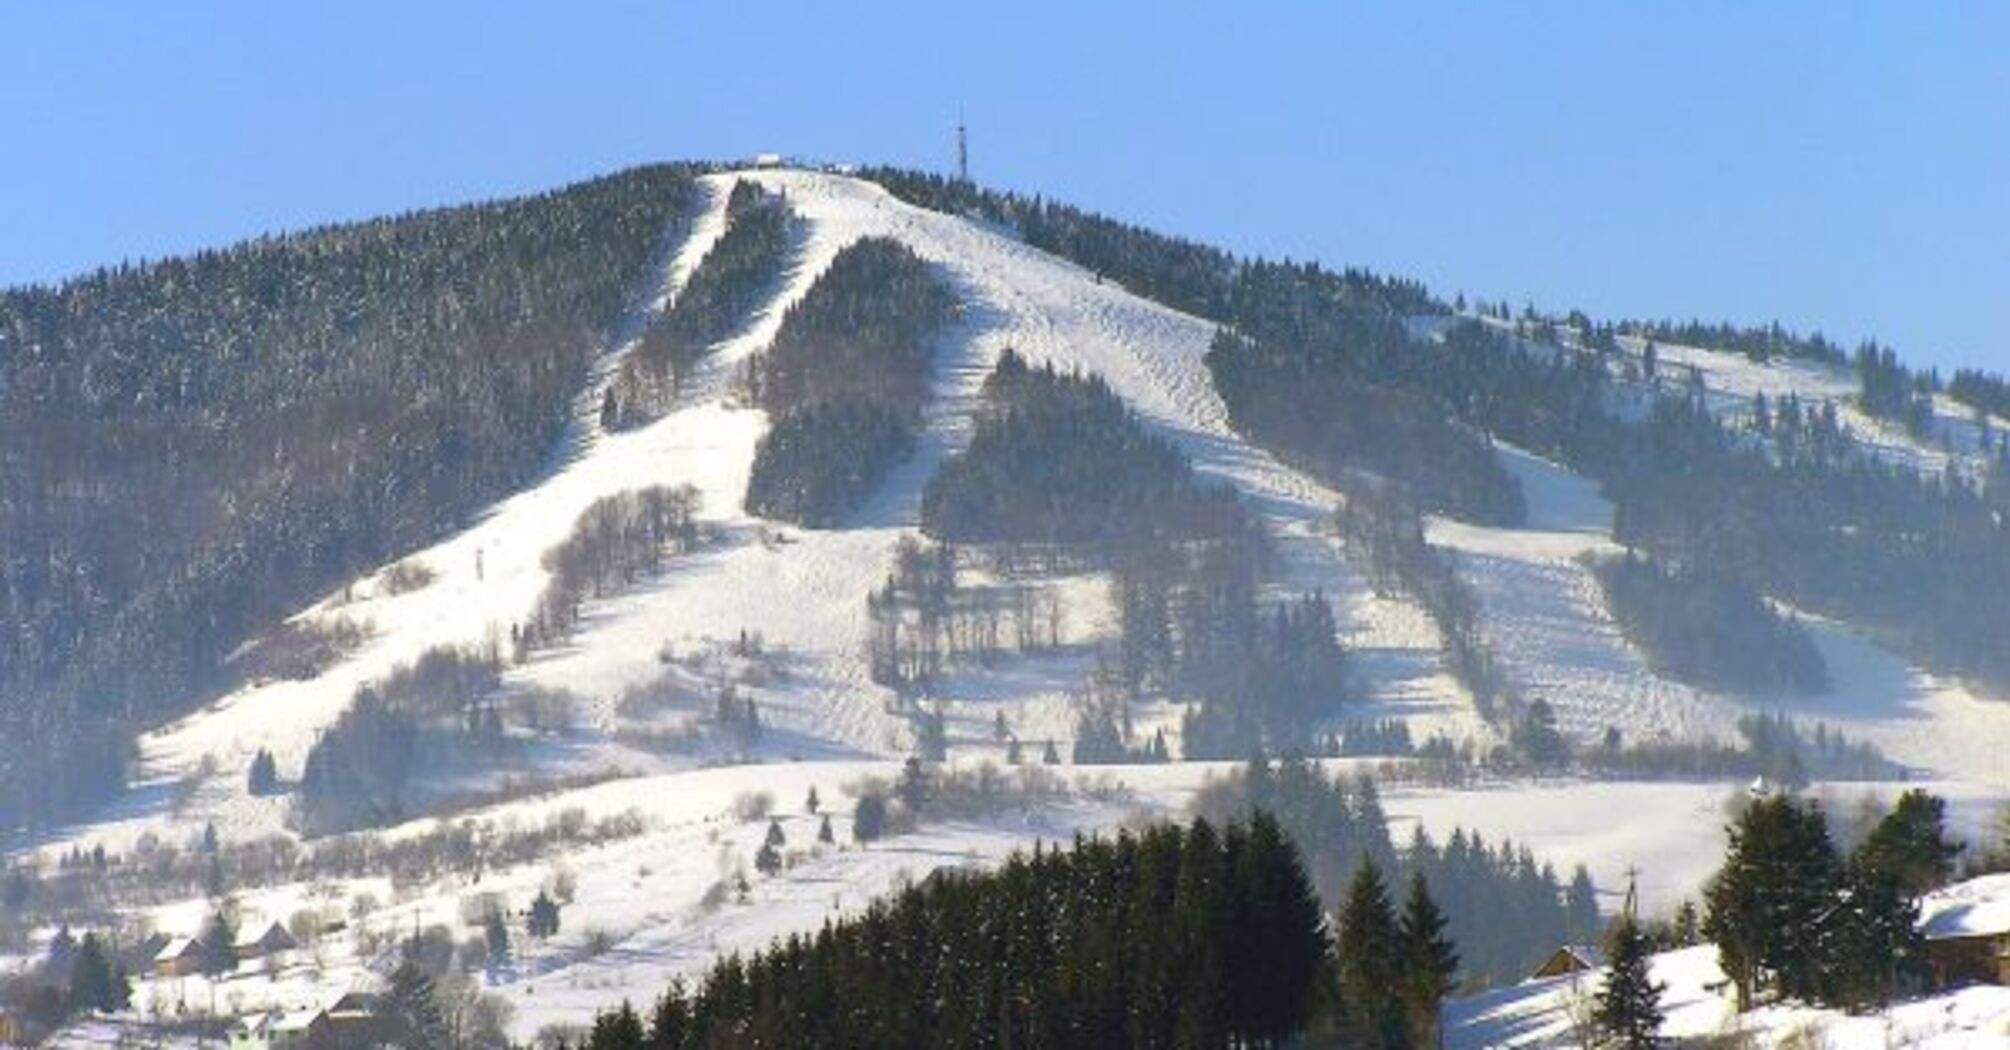 """Вітчизняний інвестор планує розпочати будівництво курорту """"Славсько"""" на $100 млн"""